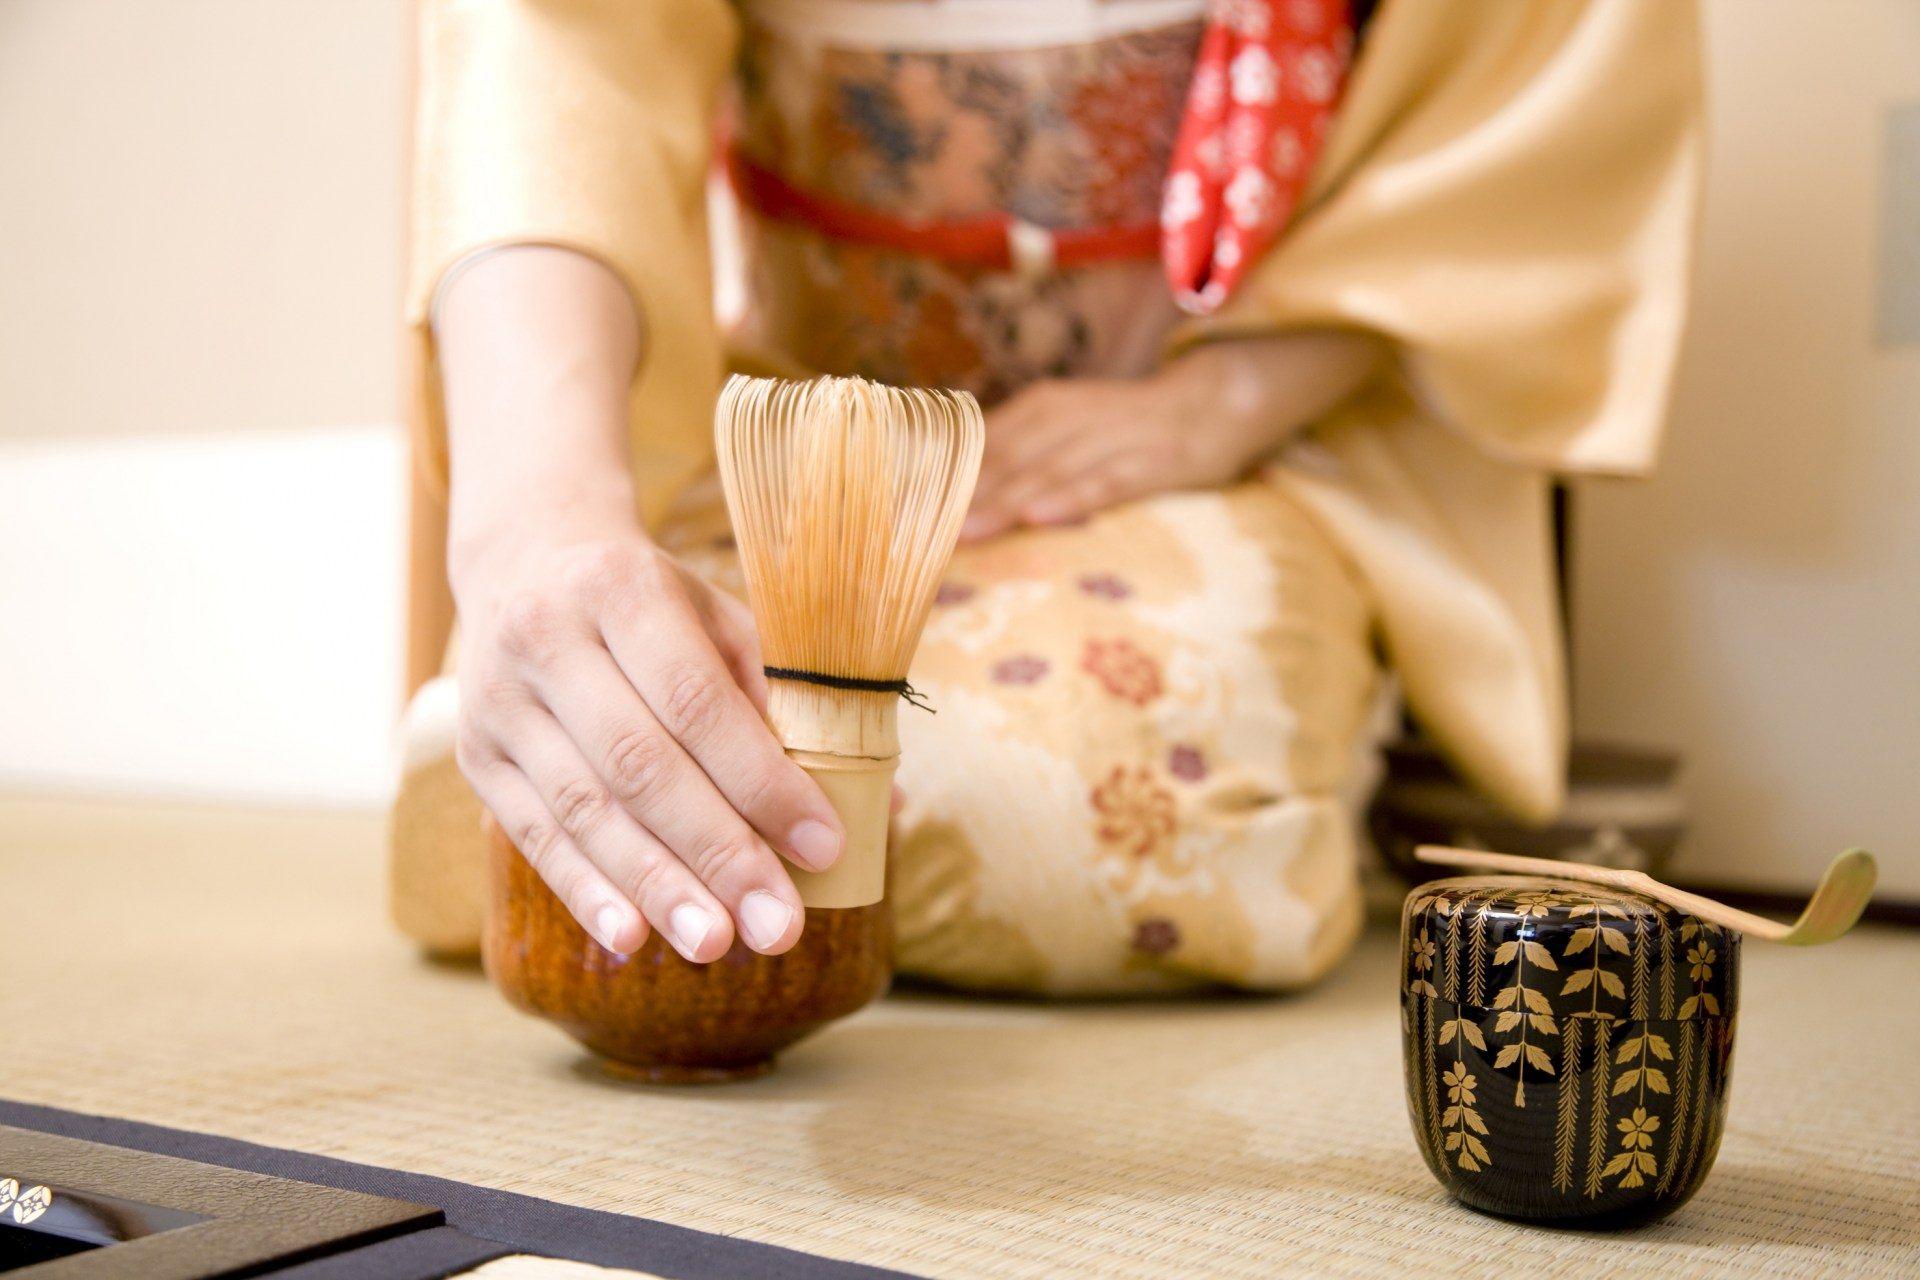 搅拌抹茶的工具:茶筅